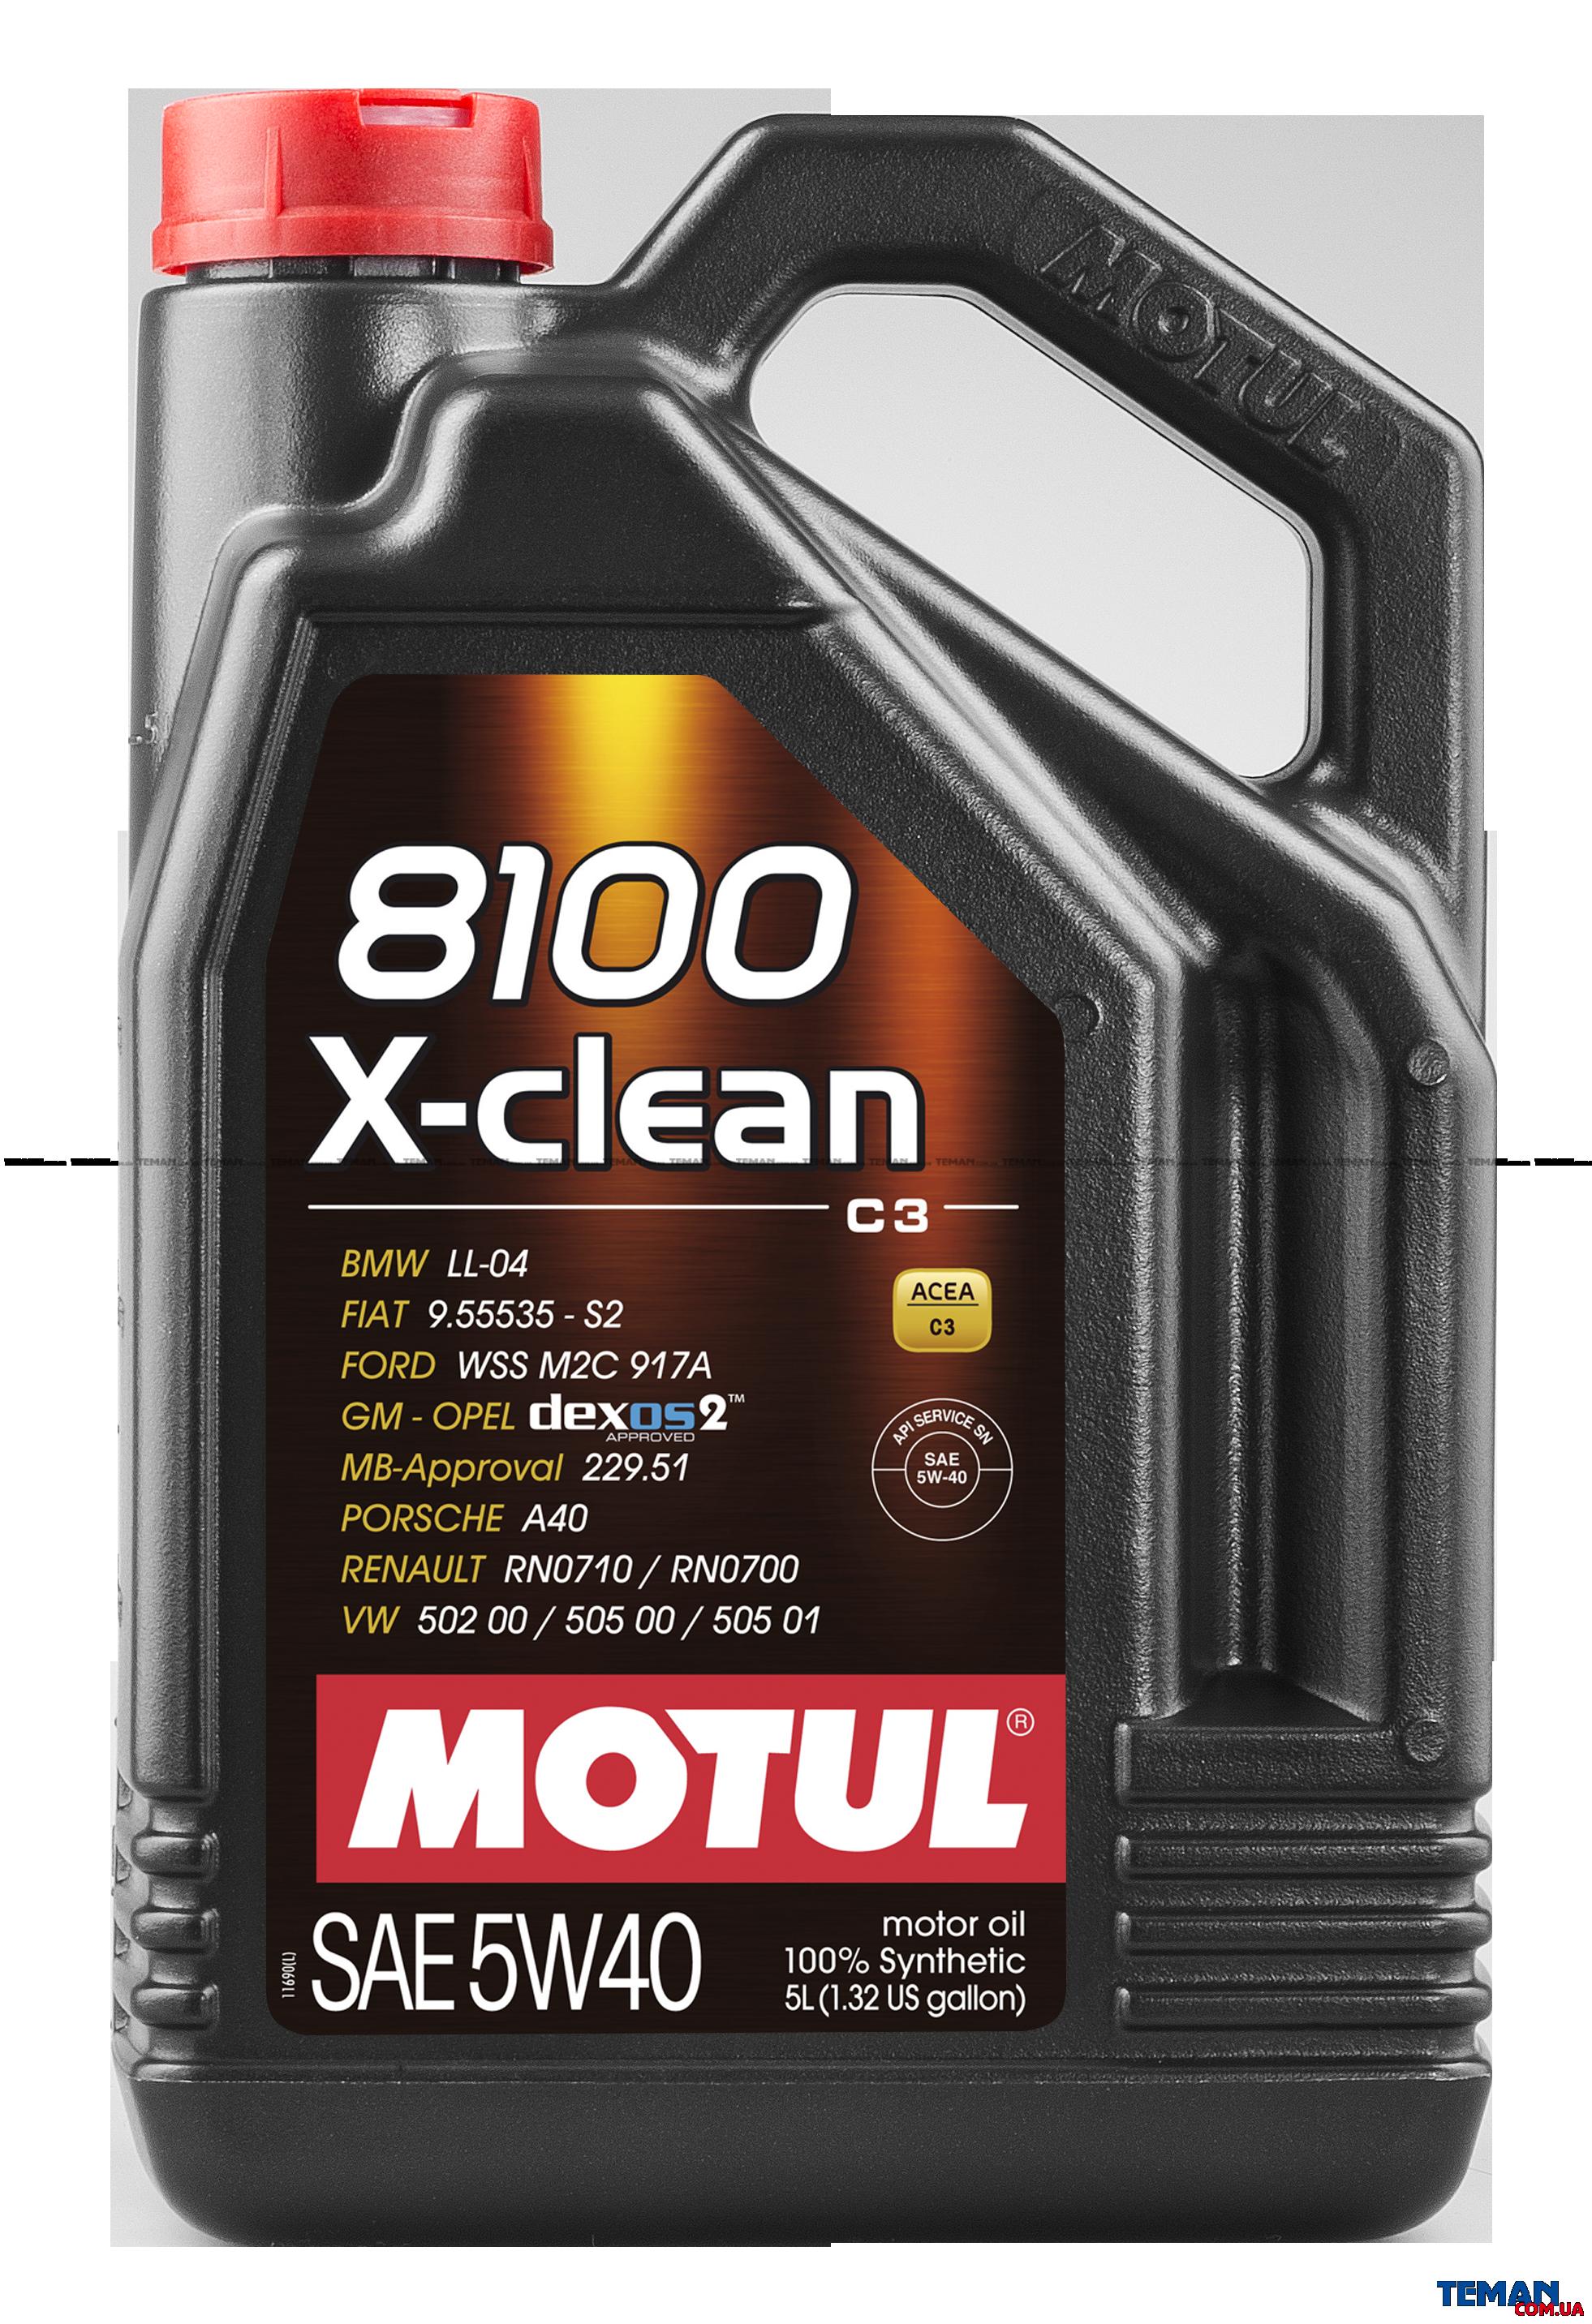 Синтетическое моторное масло 8100 X-clean SAE 5W40, 5 л